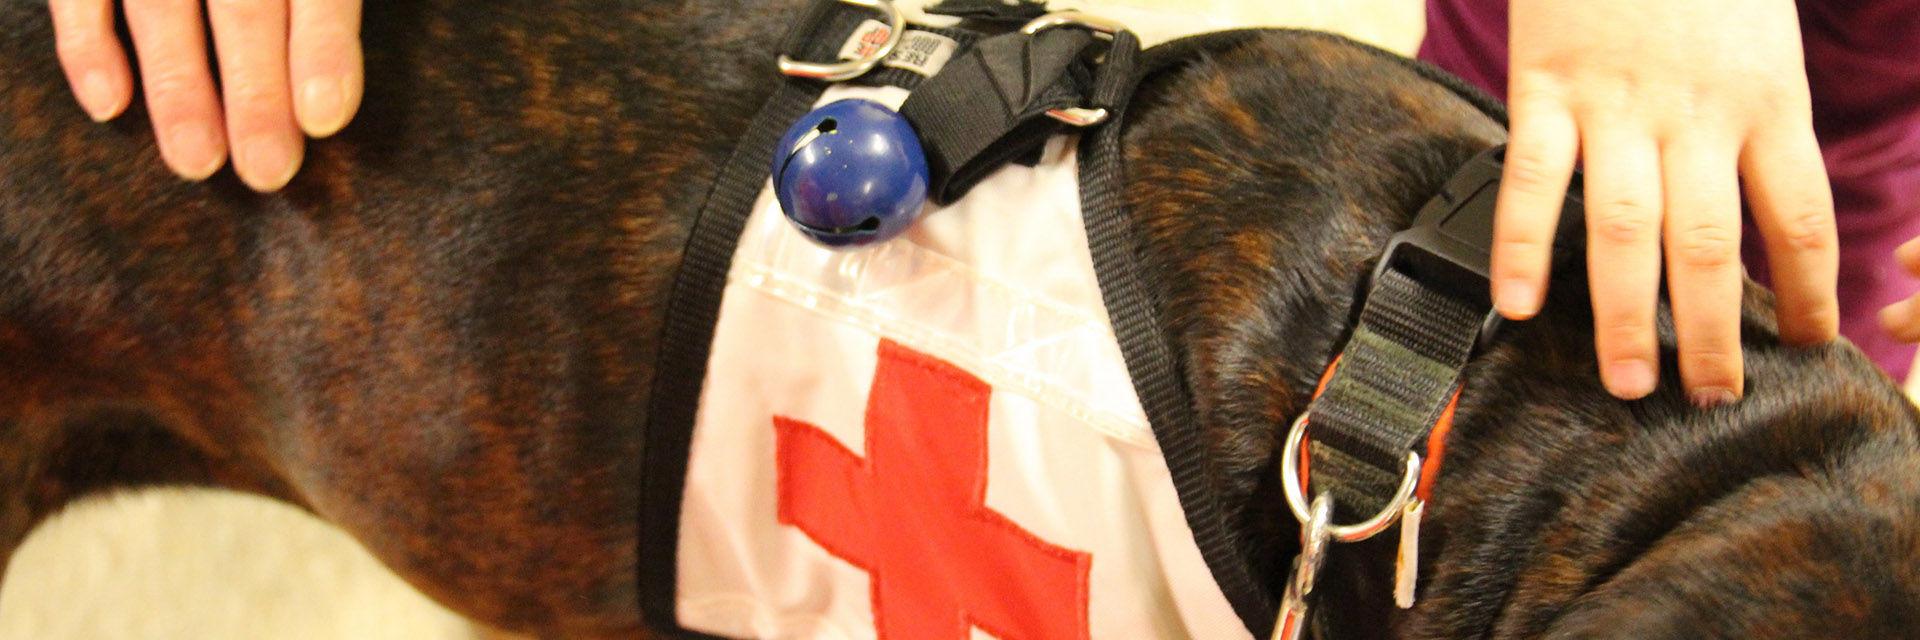 Faszination Rettungshund - DRK KV Euskirchen e.V.